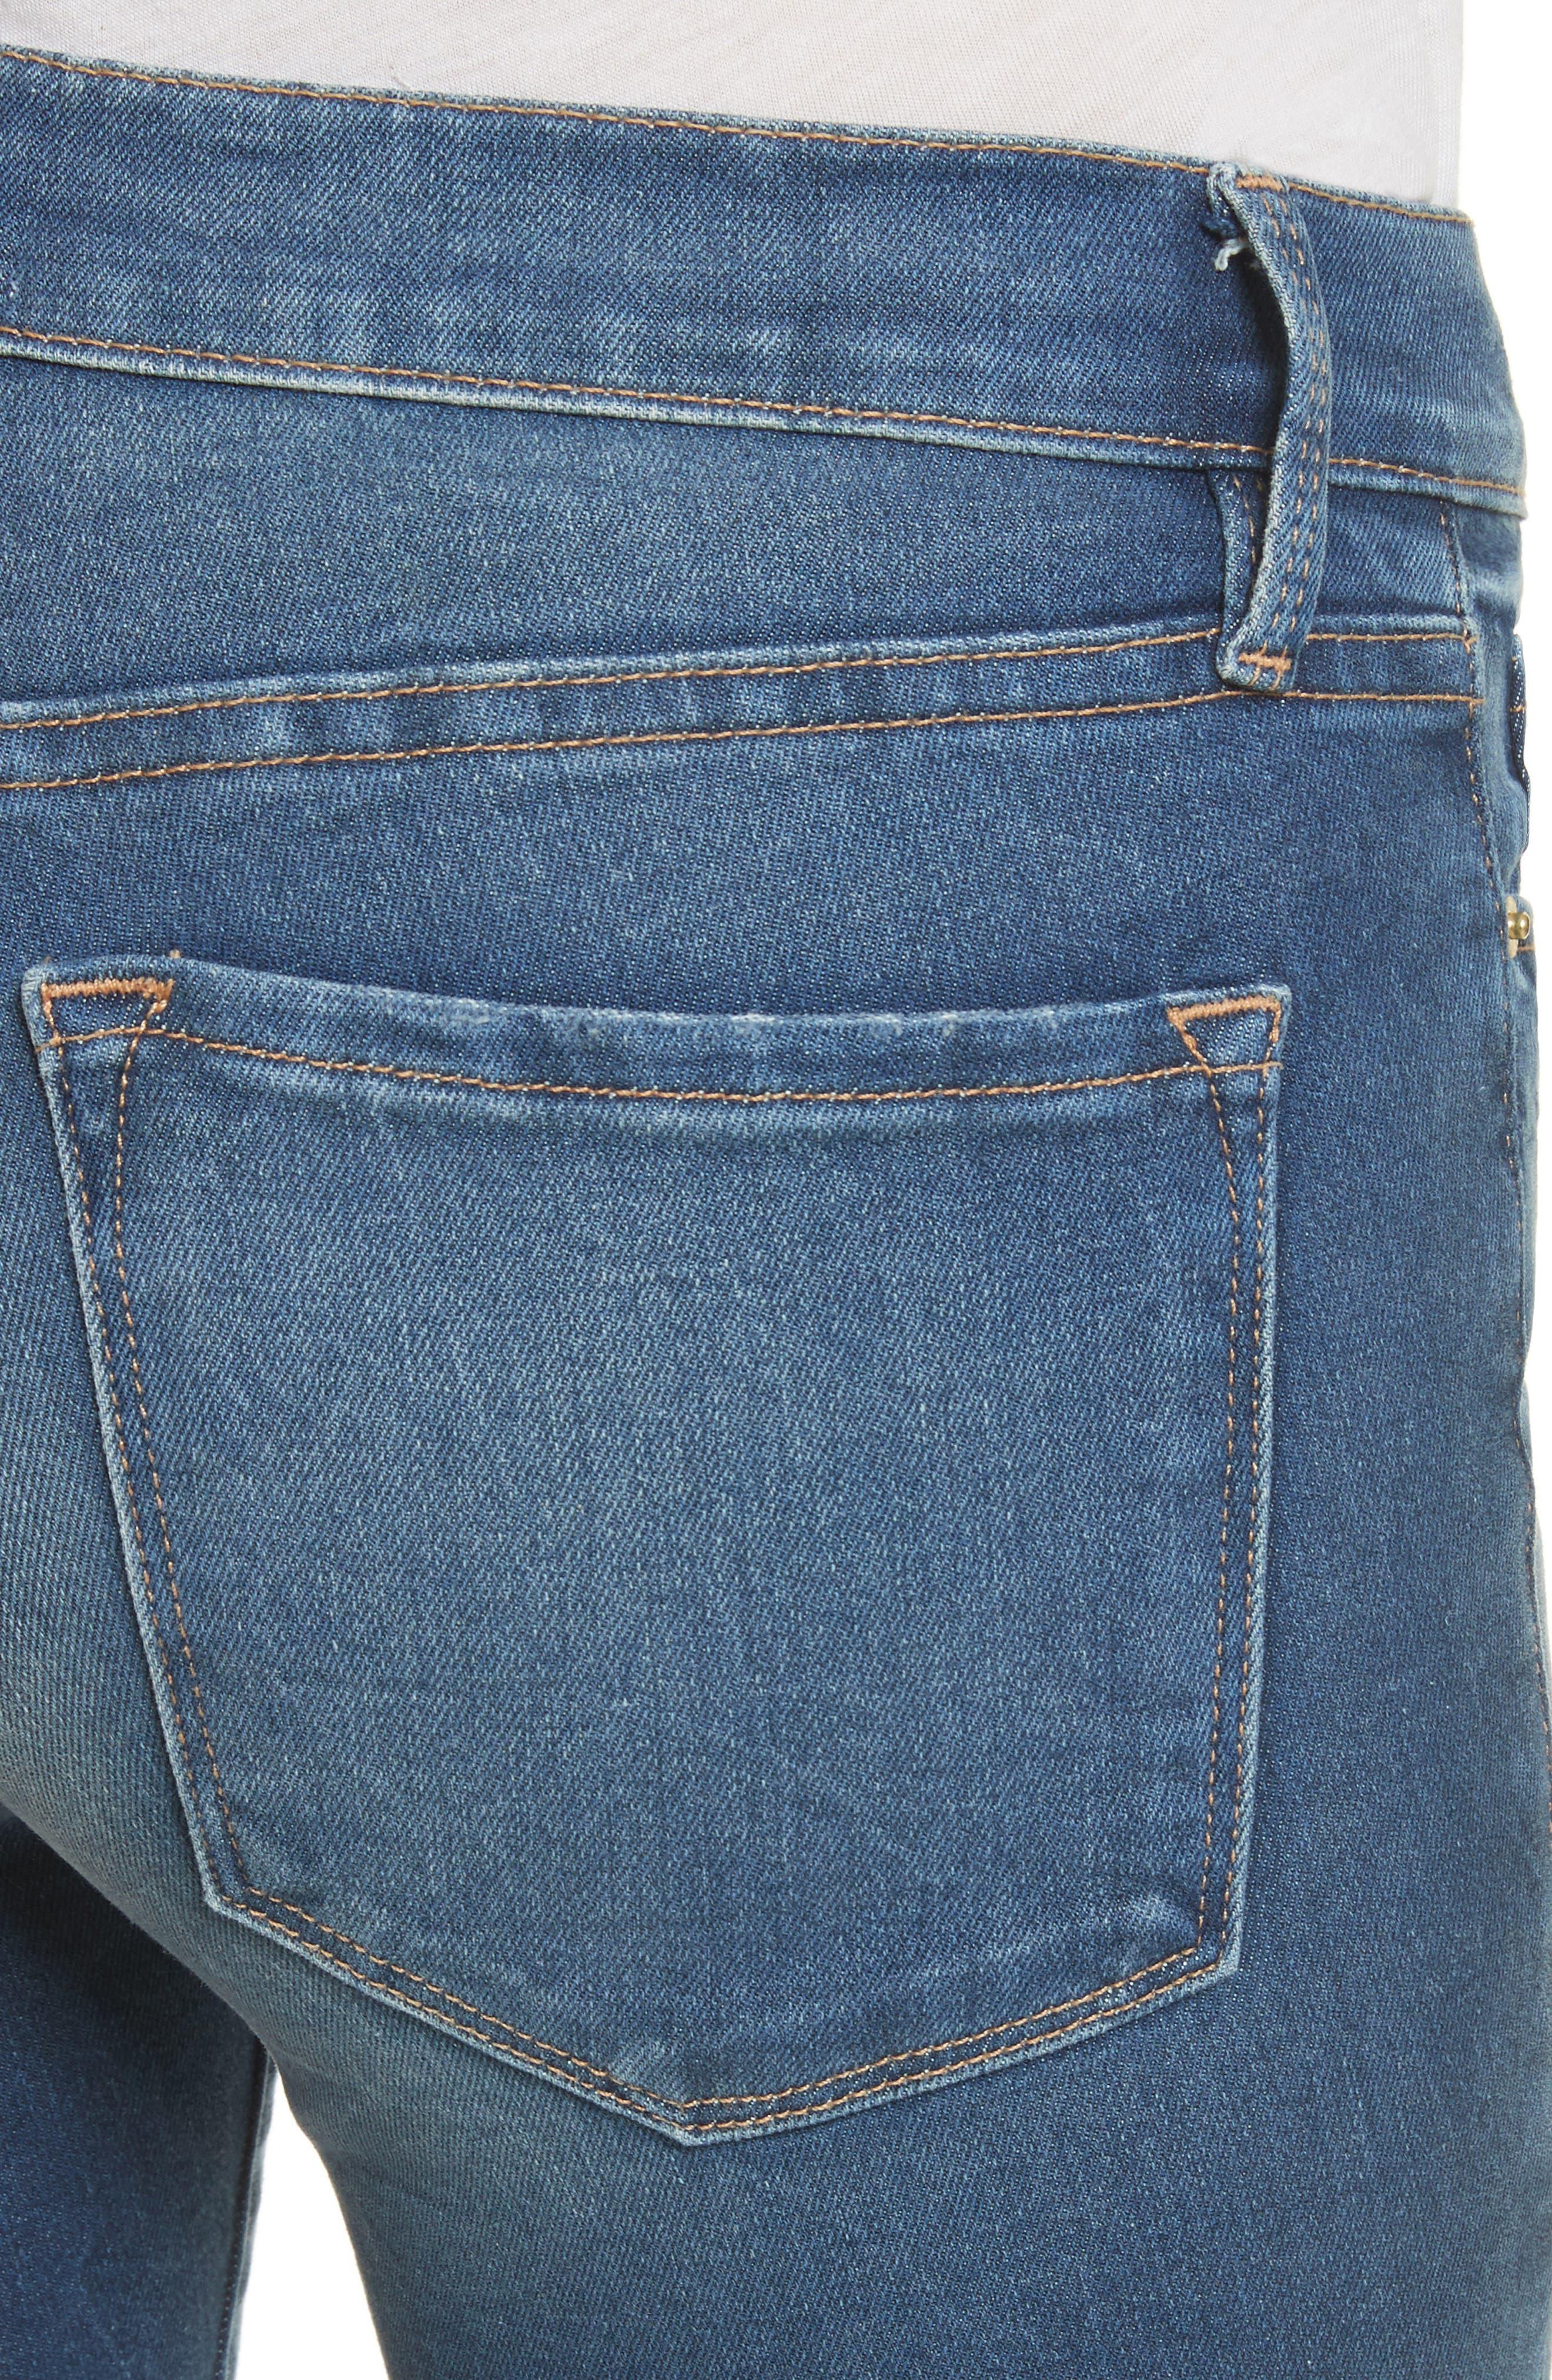 Le Skinny de Jeanne Shredded Raw Hem Jeans,                             Alternate thumbnail 4, color,                             401